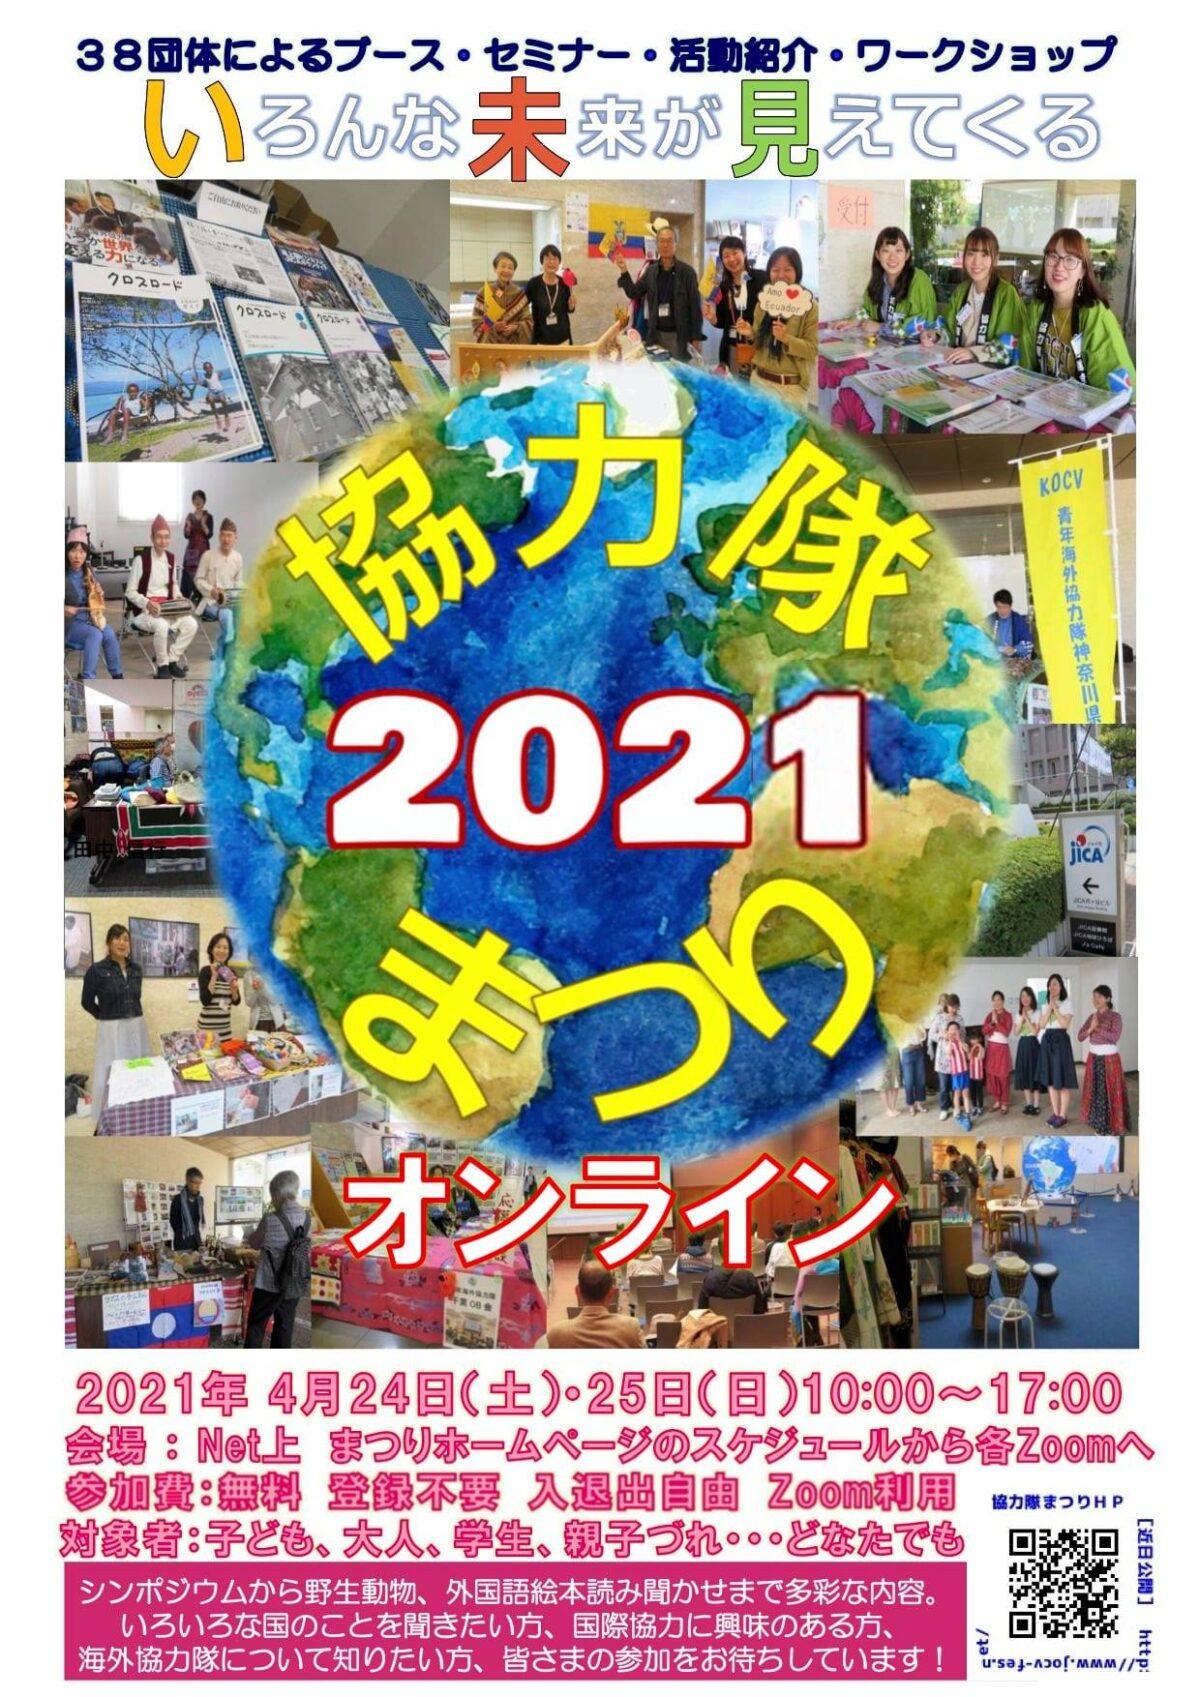 2021年4月24日(土)~ 協力隊まつり2021オンライン